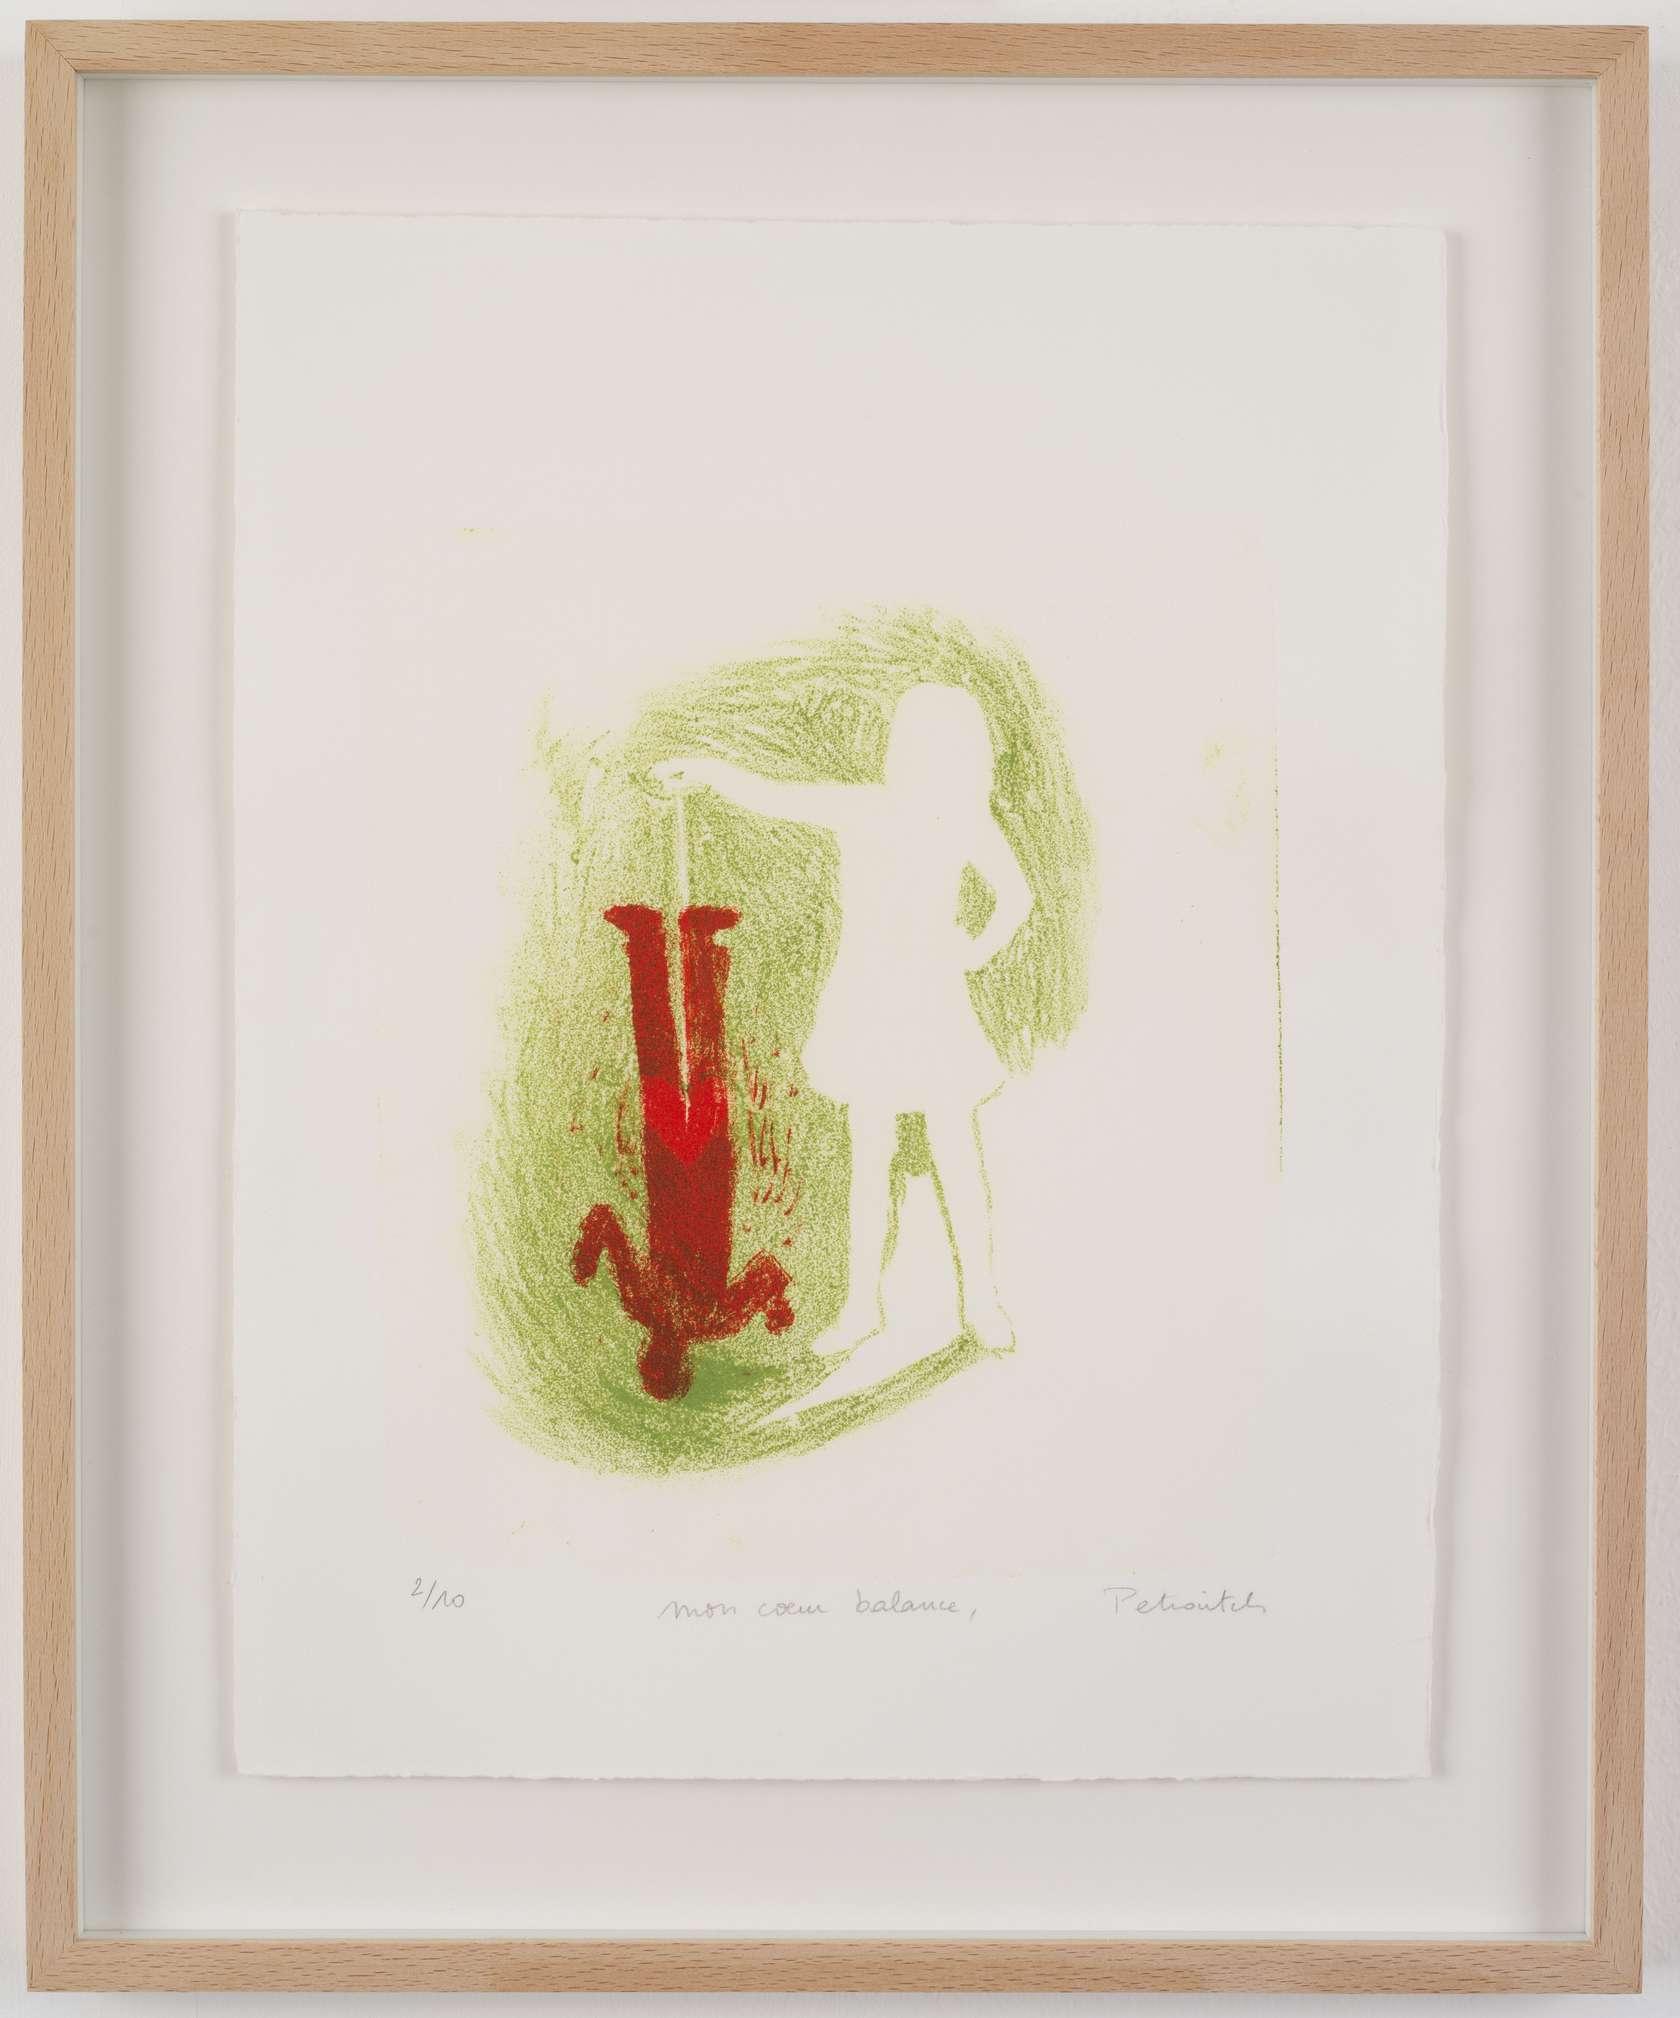 """Françoise Pétrovitch """"Cœurs"""" du romantisme dans l'art contemporain Musée de la Vie romantique, Paris (FR) 13 février  — 12 juillet 2020"""